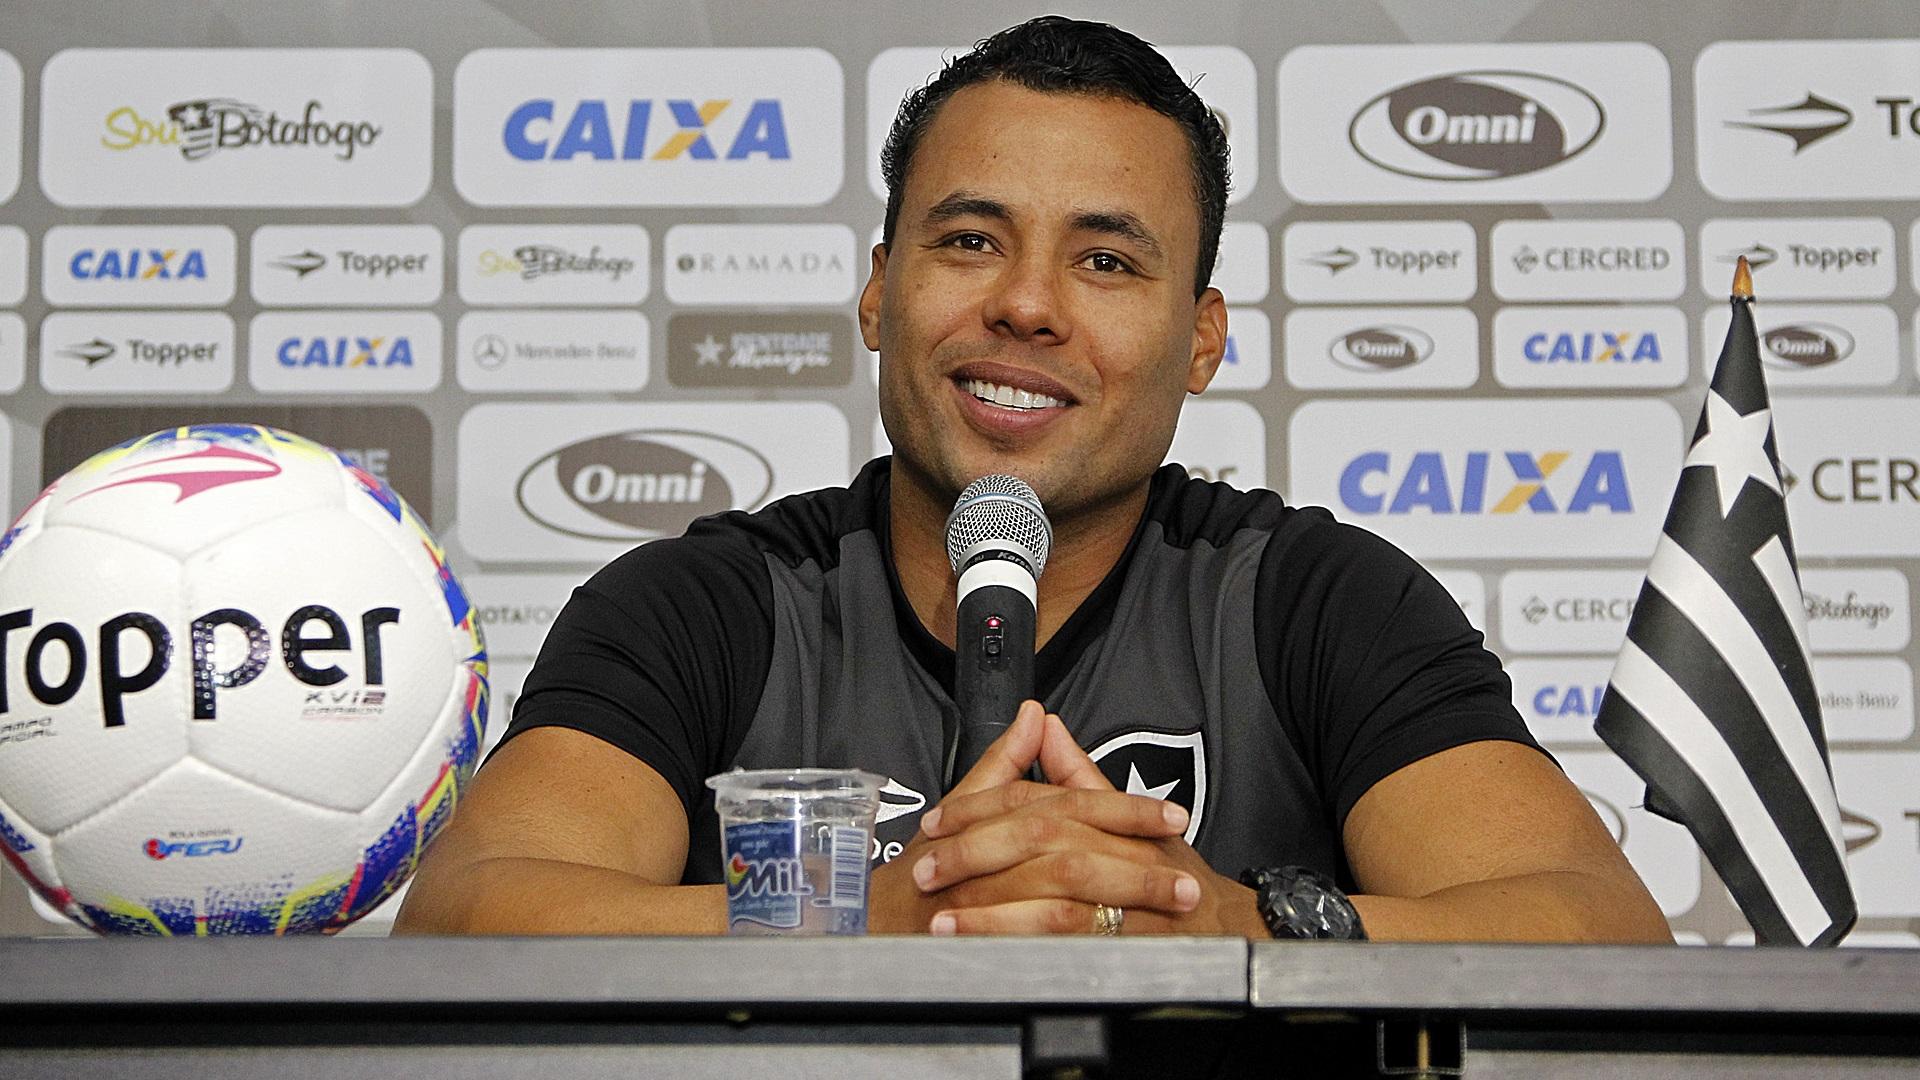 Jair Ventura Botafogo 15 11 2016